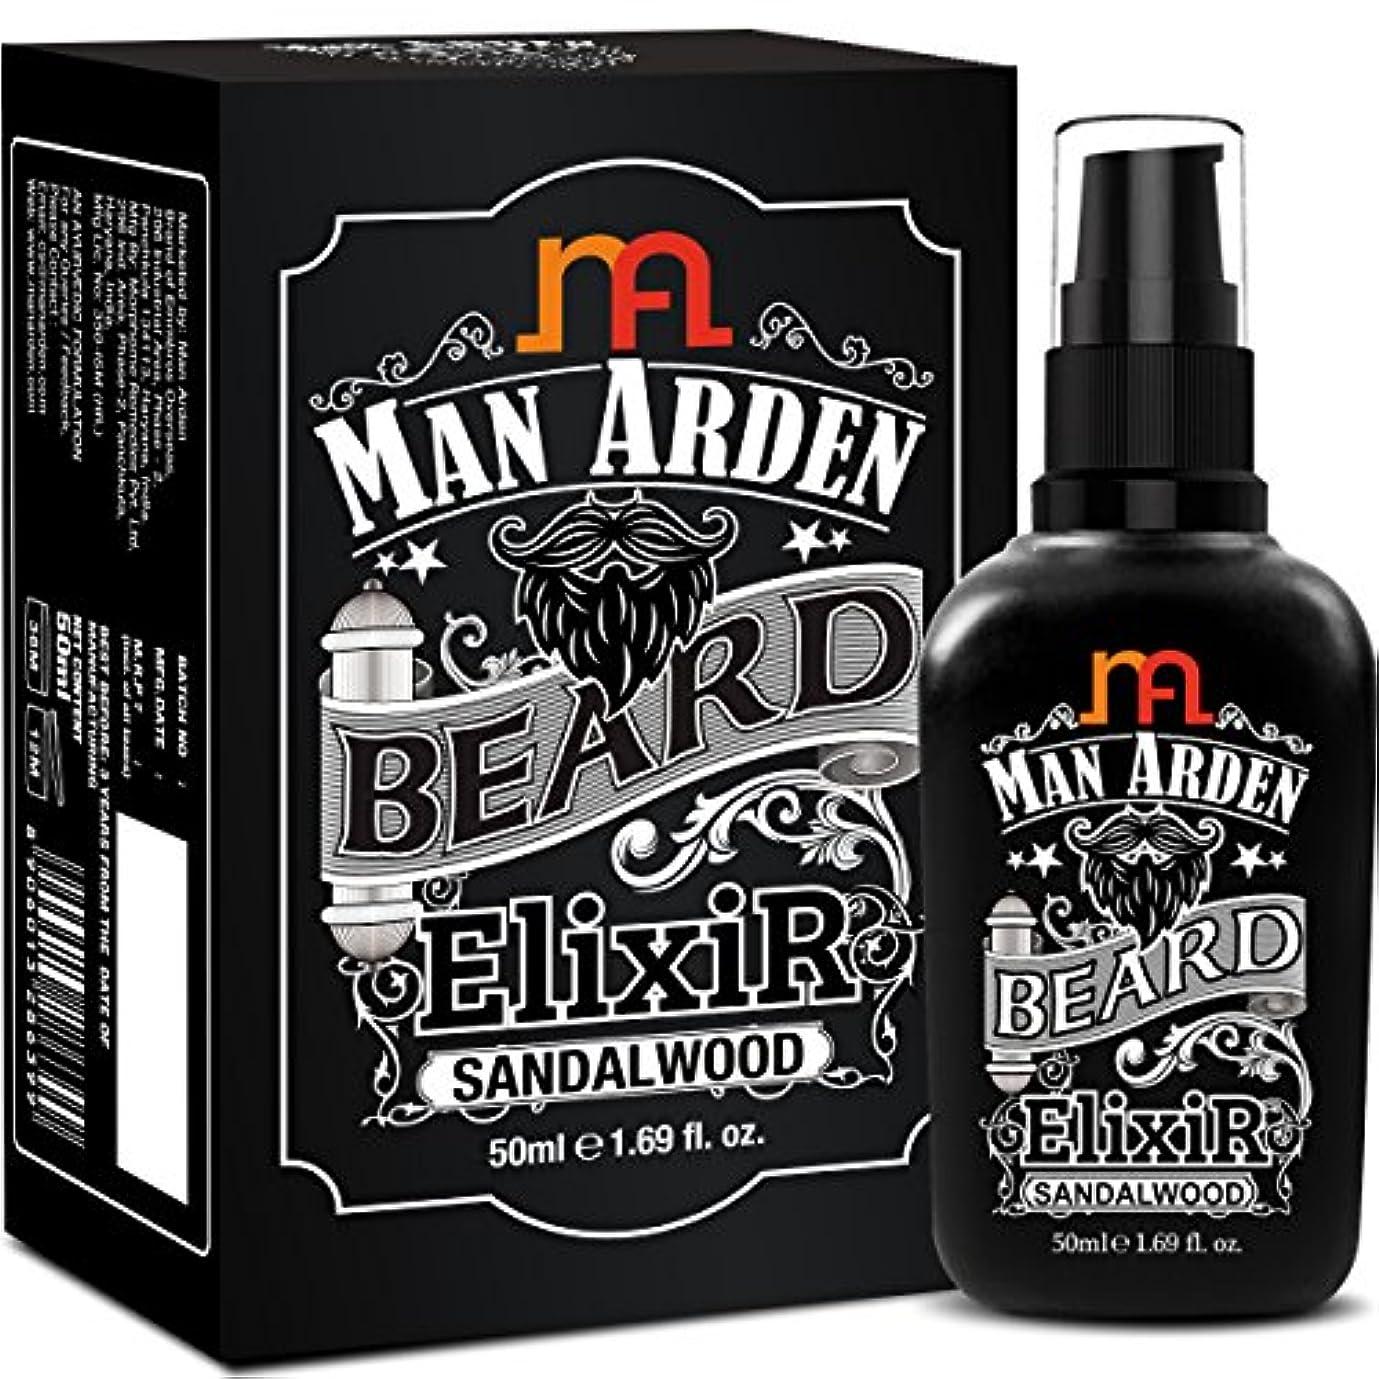 調子飢えチーフMan Arden Beard Elixir Oil 50ml (Sandalwood) - 7 Oils Blend For Beard Repair, Growth & Nourishment8906013286399